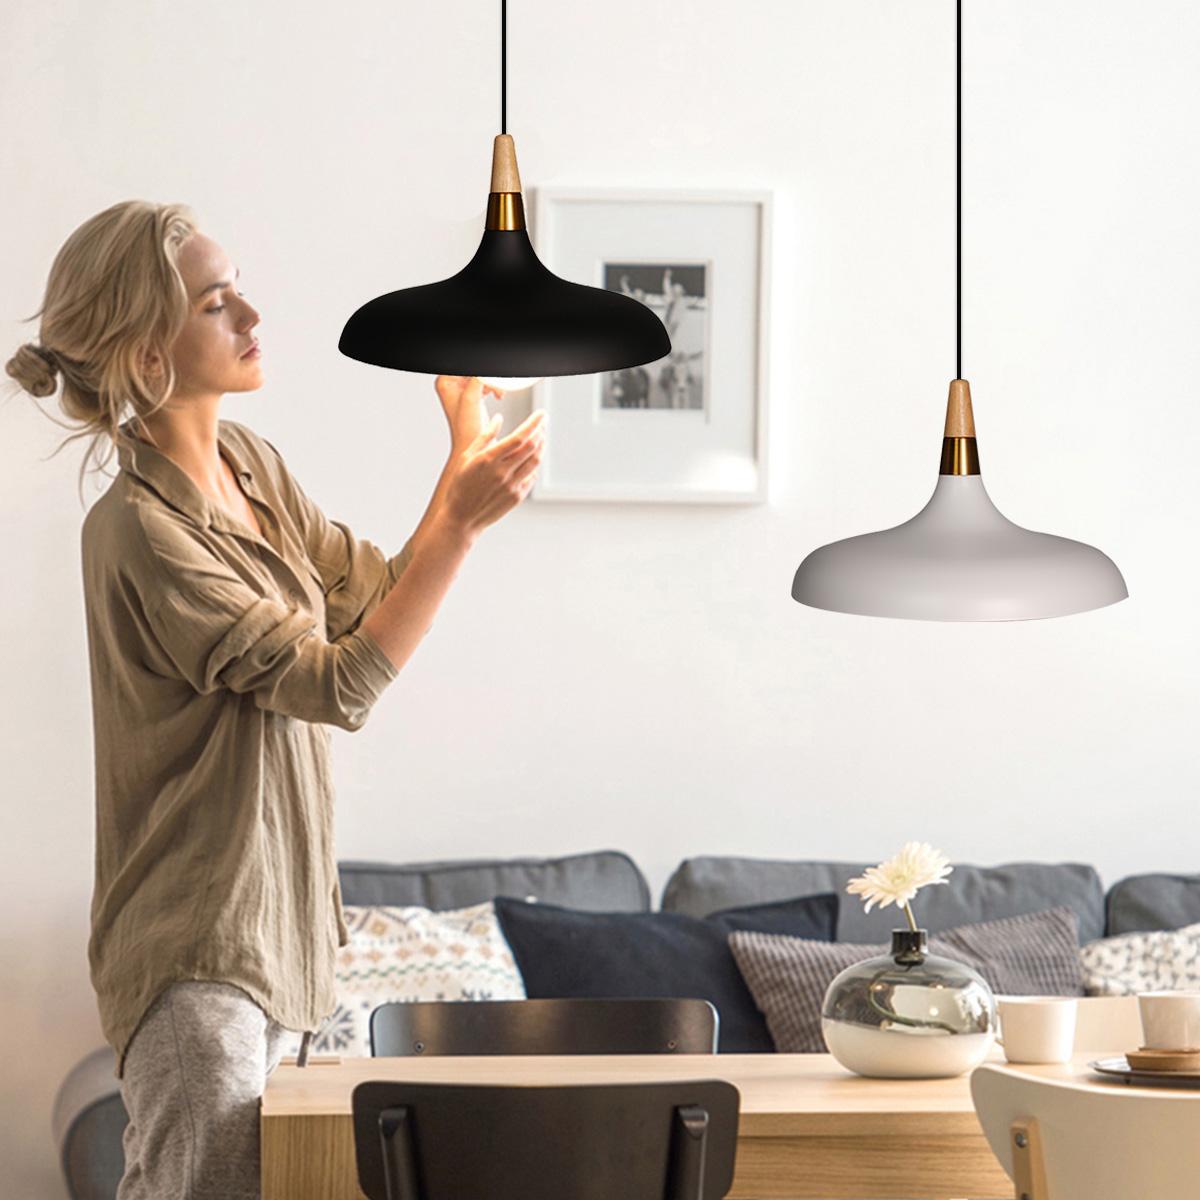 Morden Pendan Ceiling Light Fixture Wood Hanging Lamp